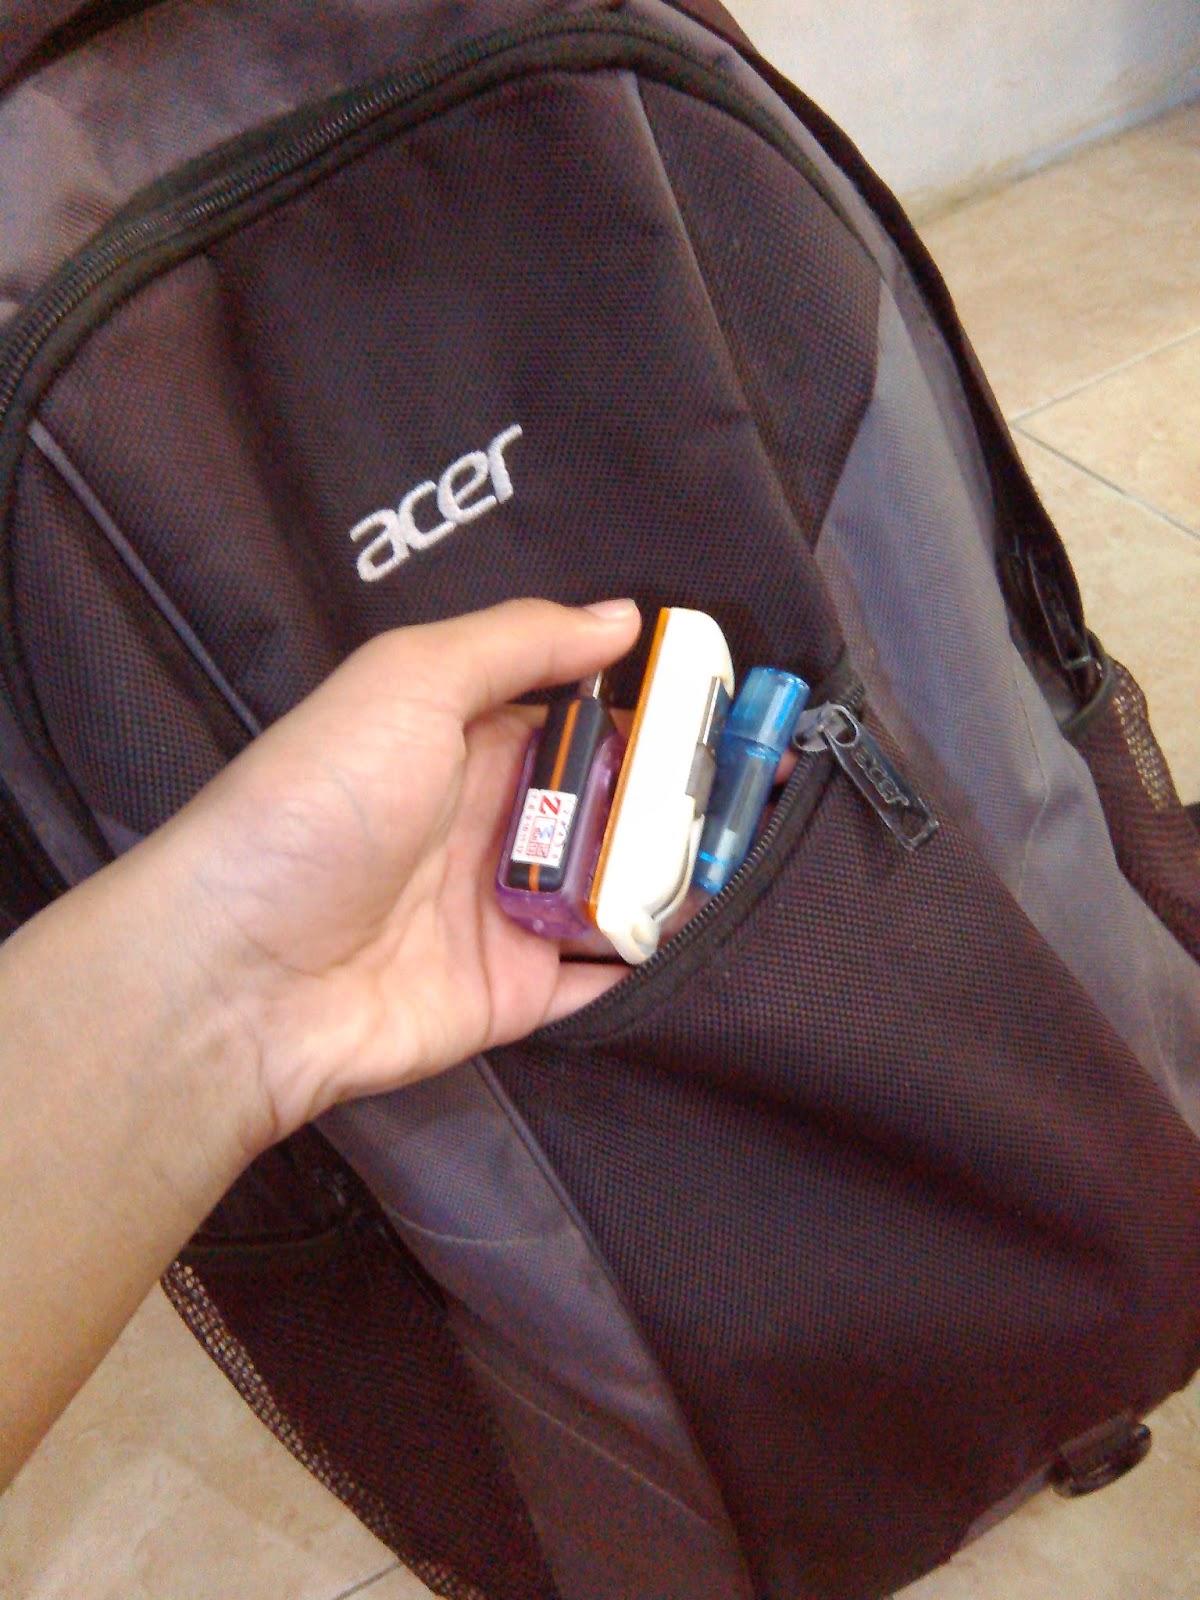 Tempat Flashdisk, Card Reader, Modem USB, dan Earphone Ukuran Kecil